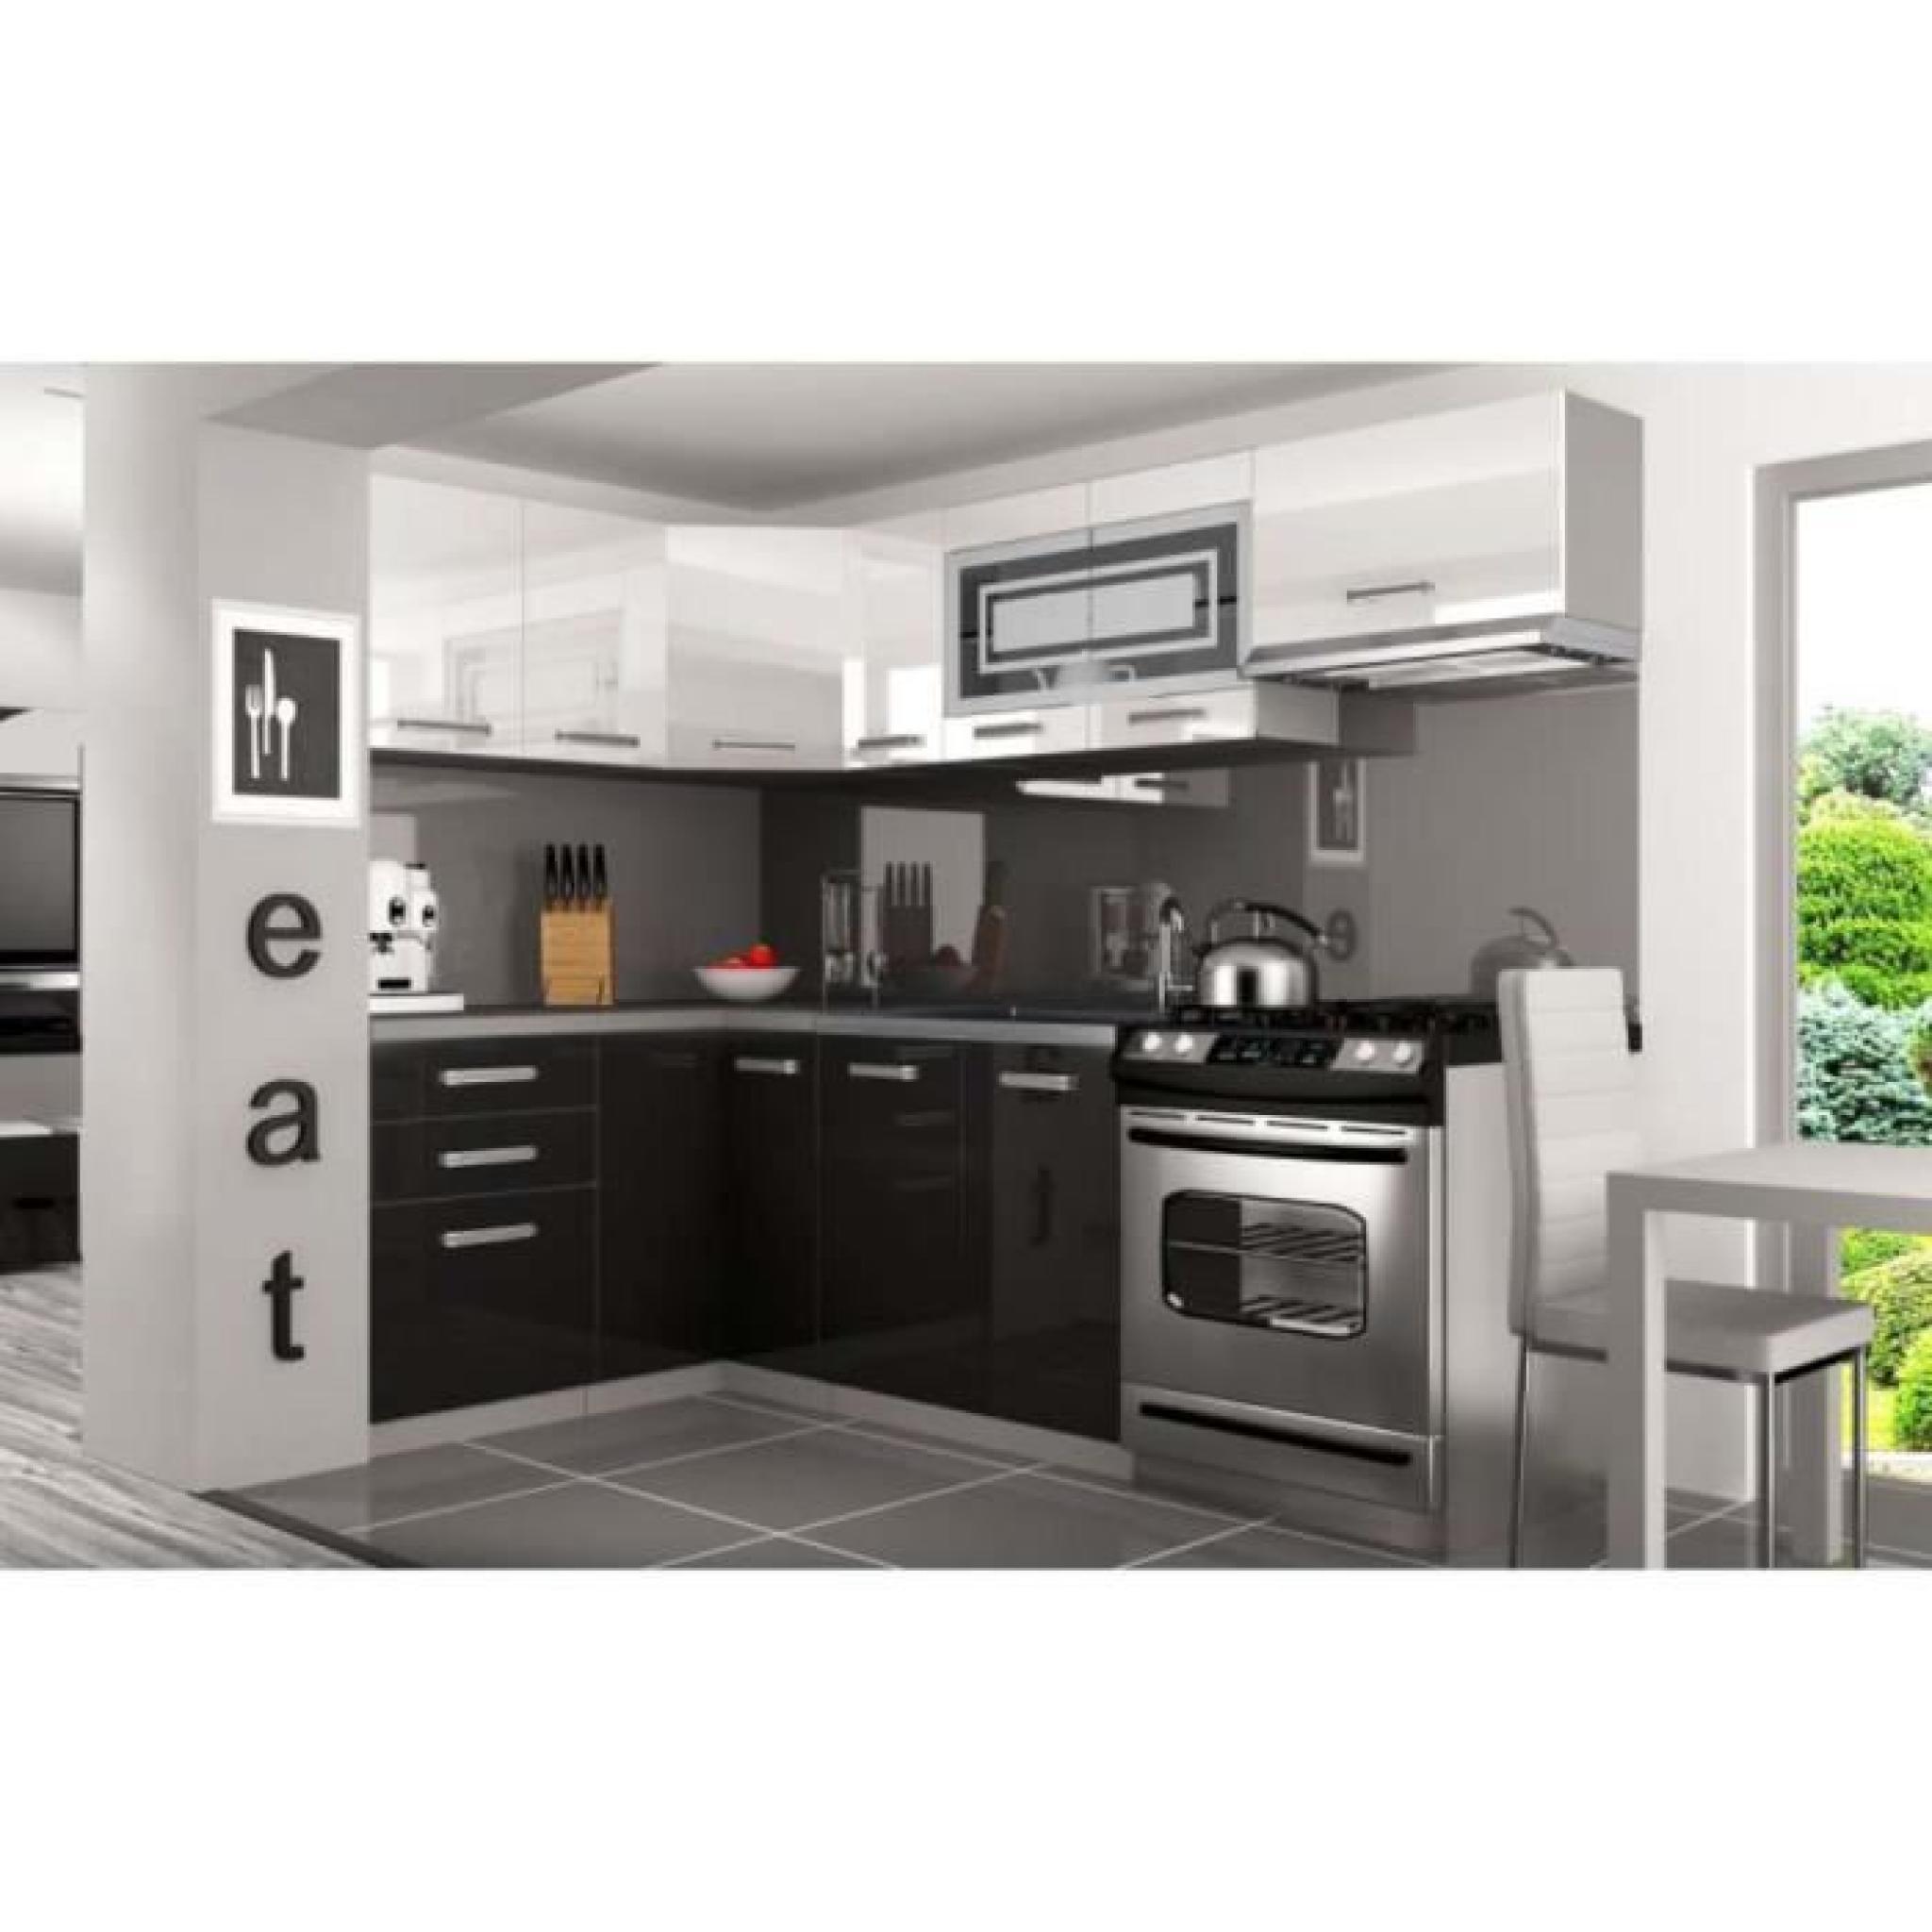 Justhome lidja p pro l cuisine quip e compl te 130x230 cm for Cuisine complete equipee